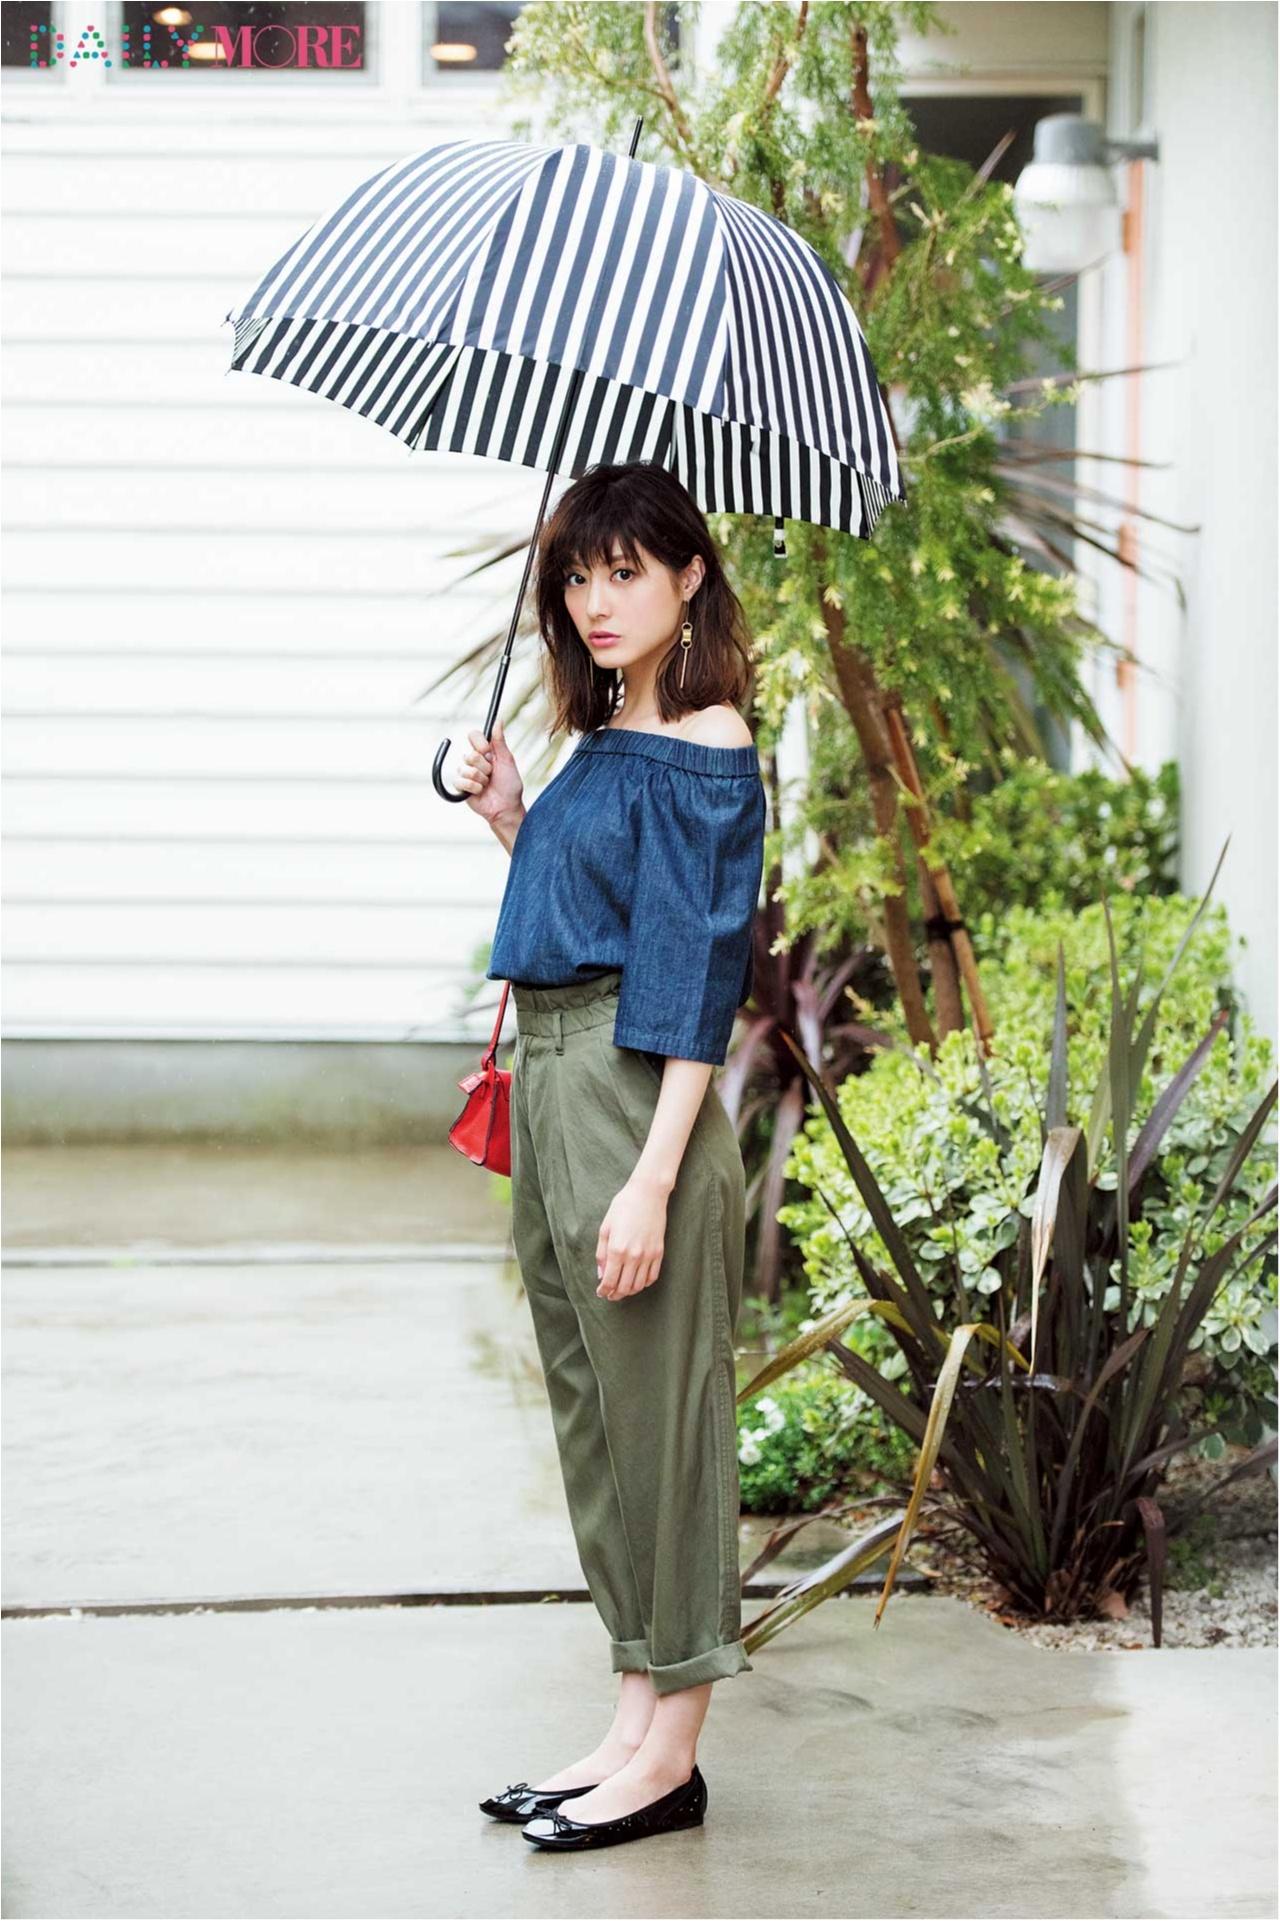 【GET MORE!】「雨の日はおしゃれできない」なんて言わせない! 可愛くって快適なコスパアイテムここにあります!_2